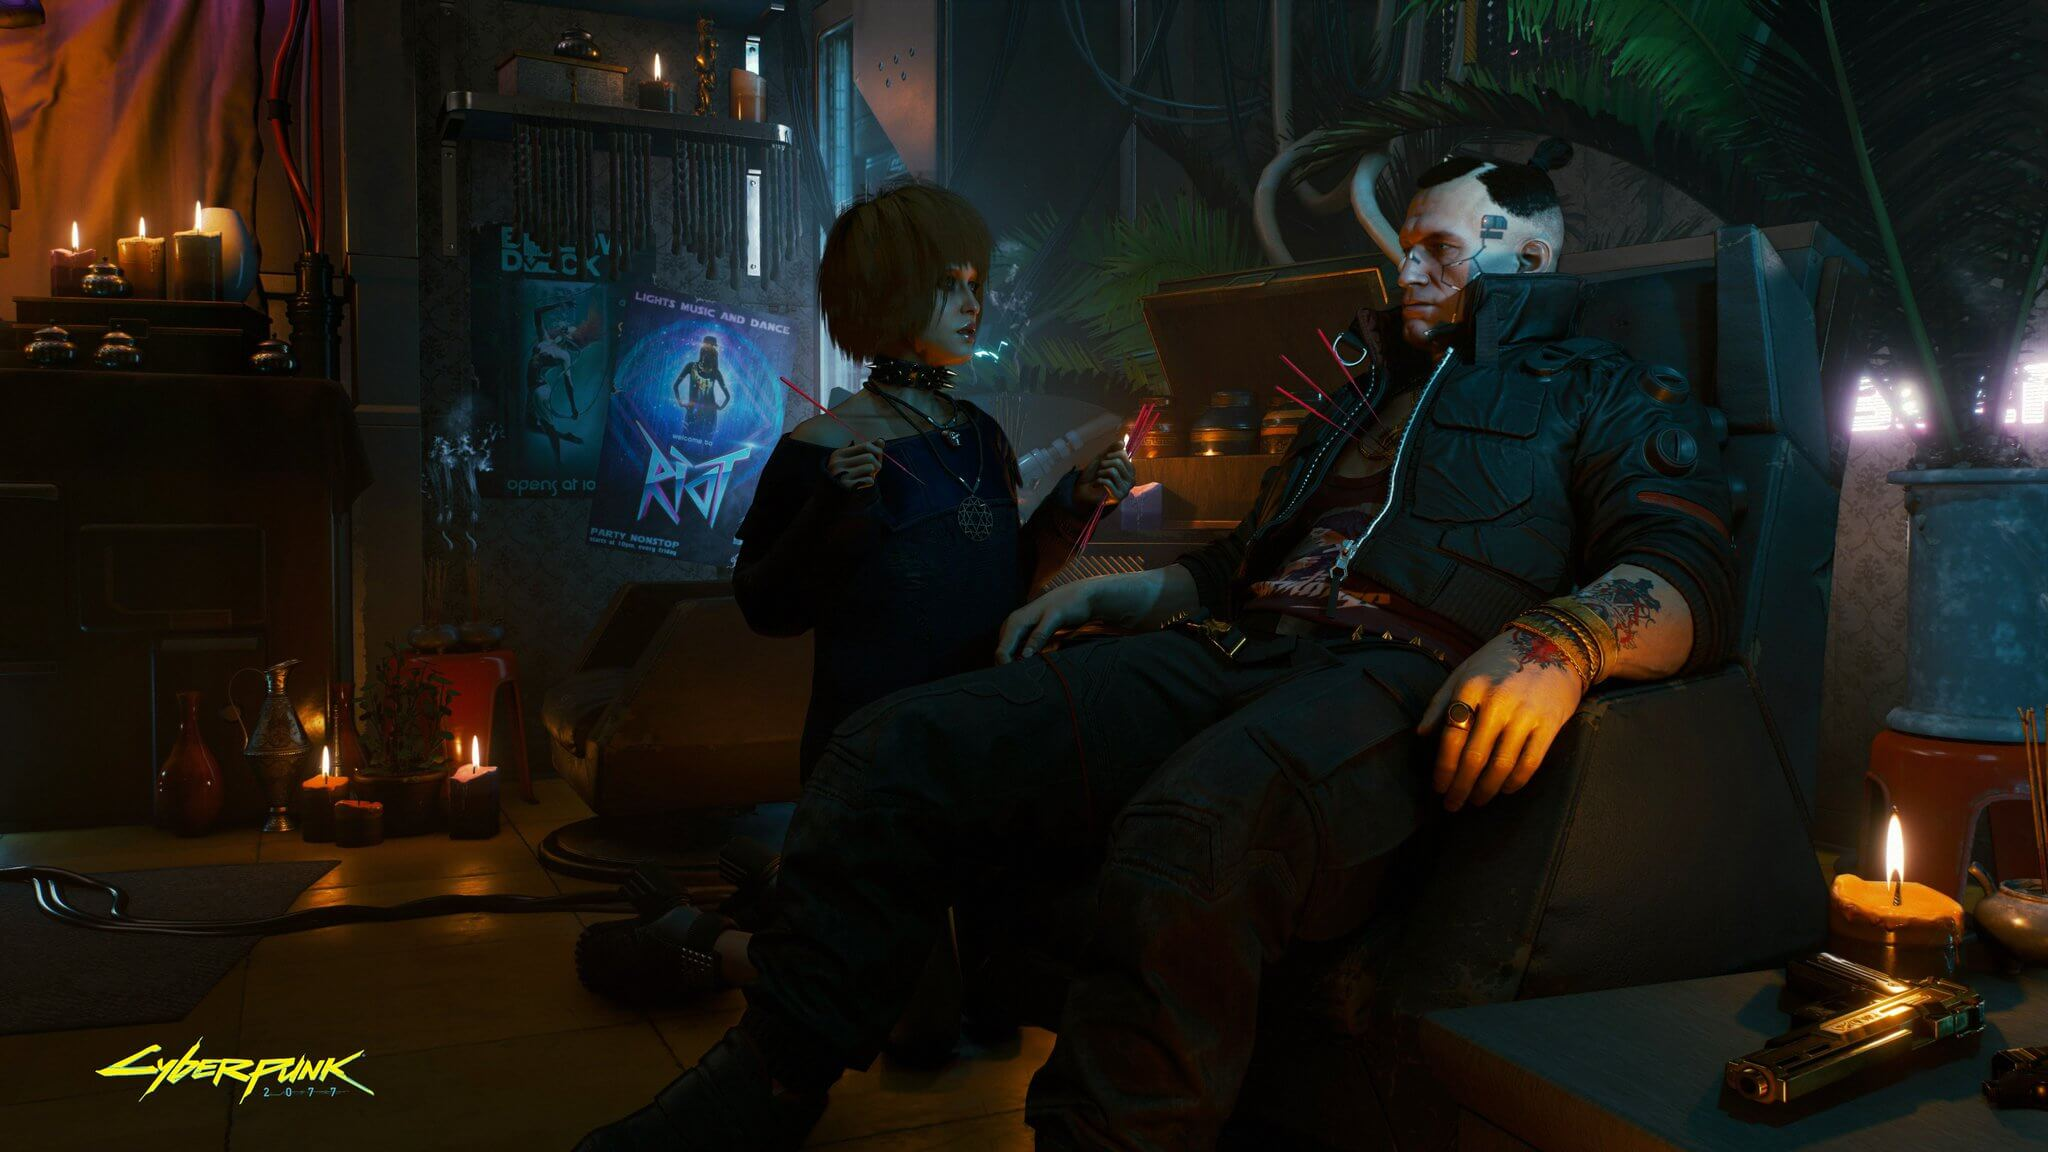 Cyberpunk-2077-gamescom-2018-4.jpg